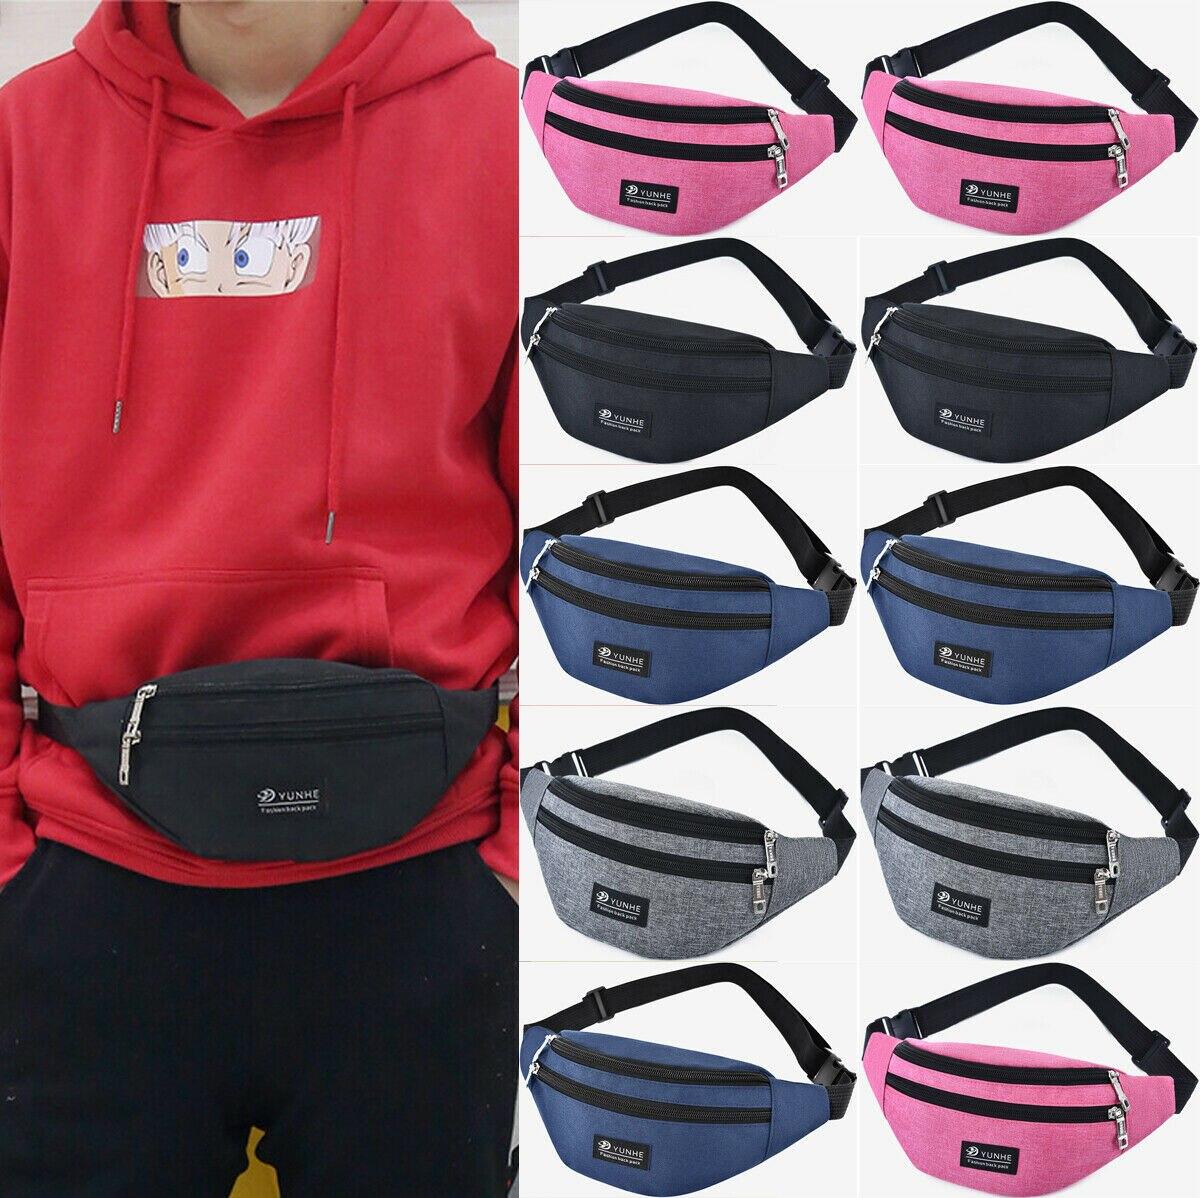 Men Women Sportswear Bum Bag Fanny Pack Travel Waist Money Belt Zip Hiking Pouch Wallet Waist Pack Hip Pack Running Travel Belt